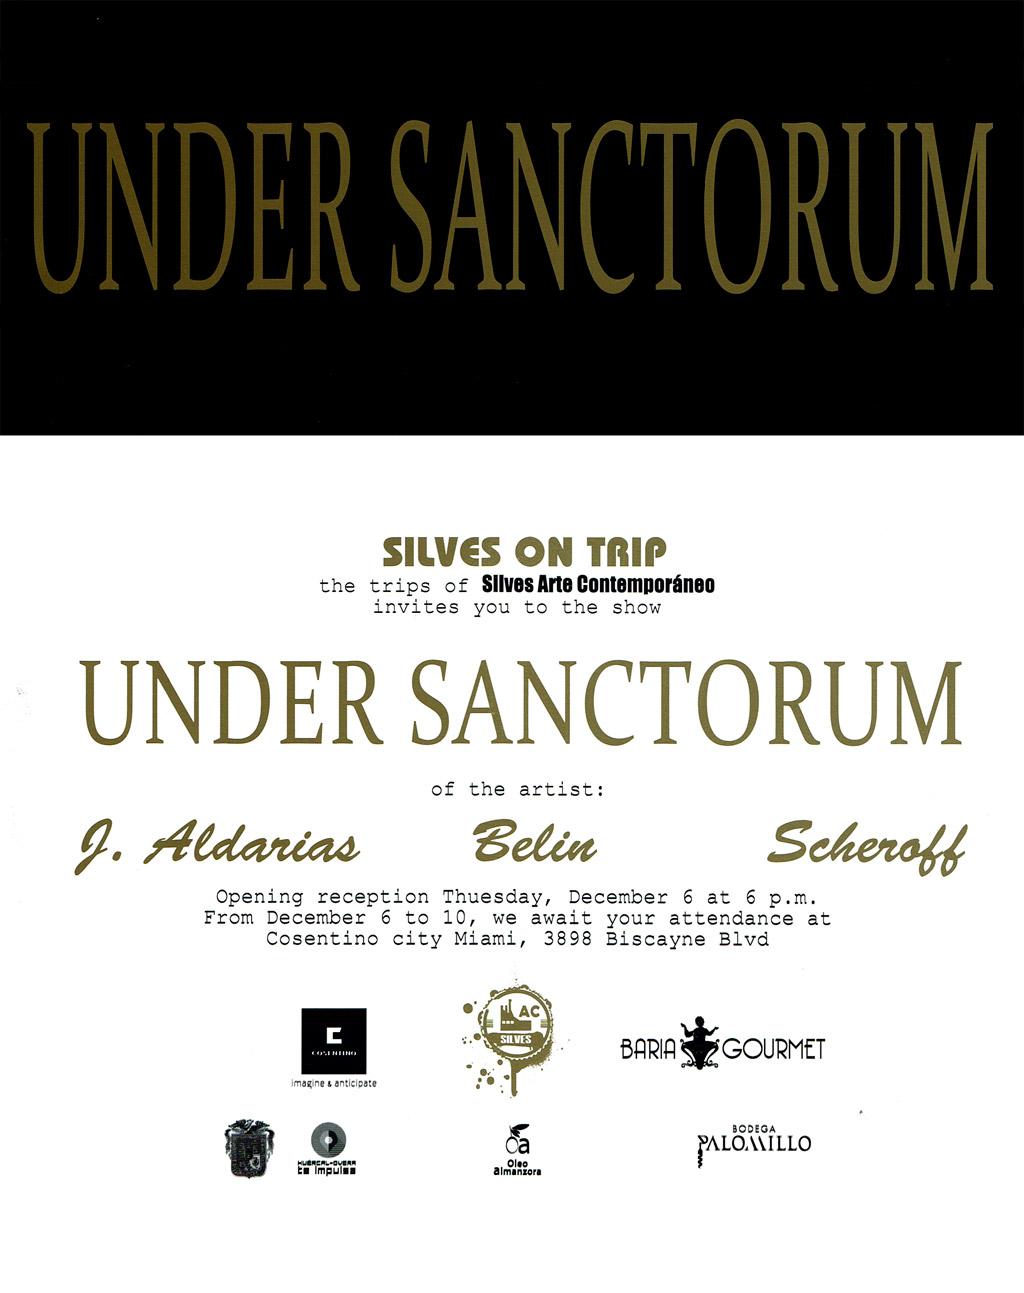 Under Sanctorum